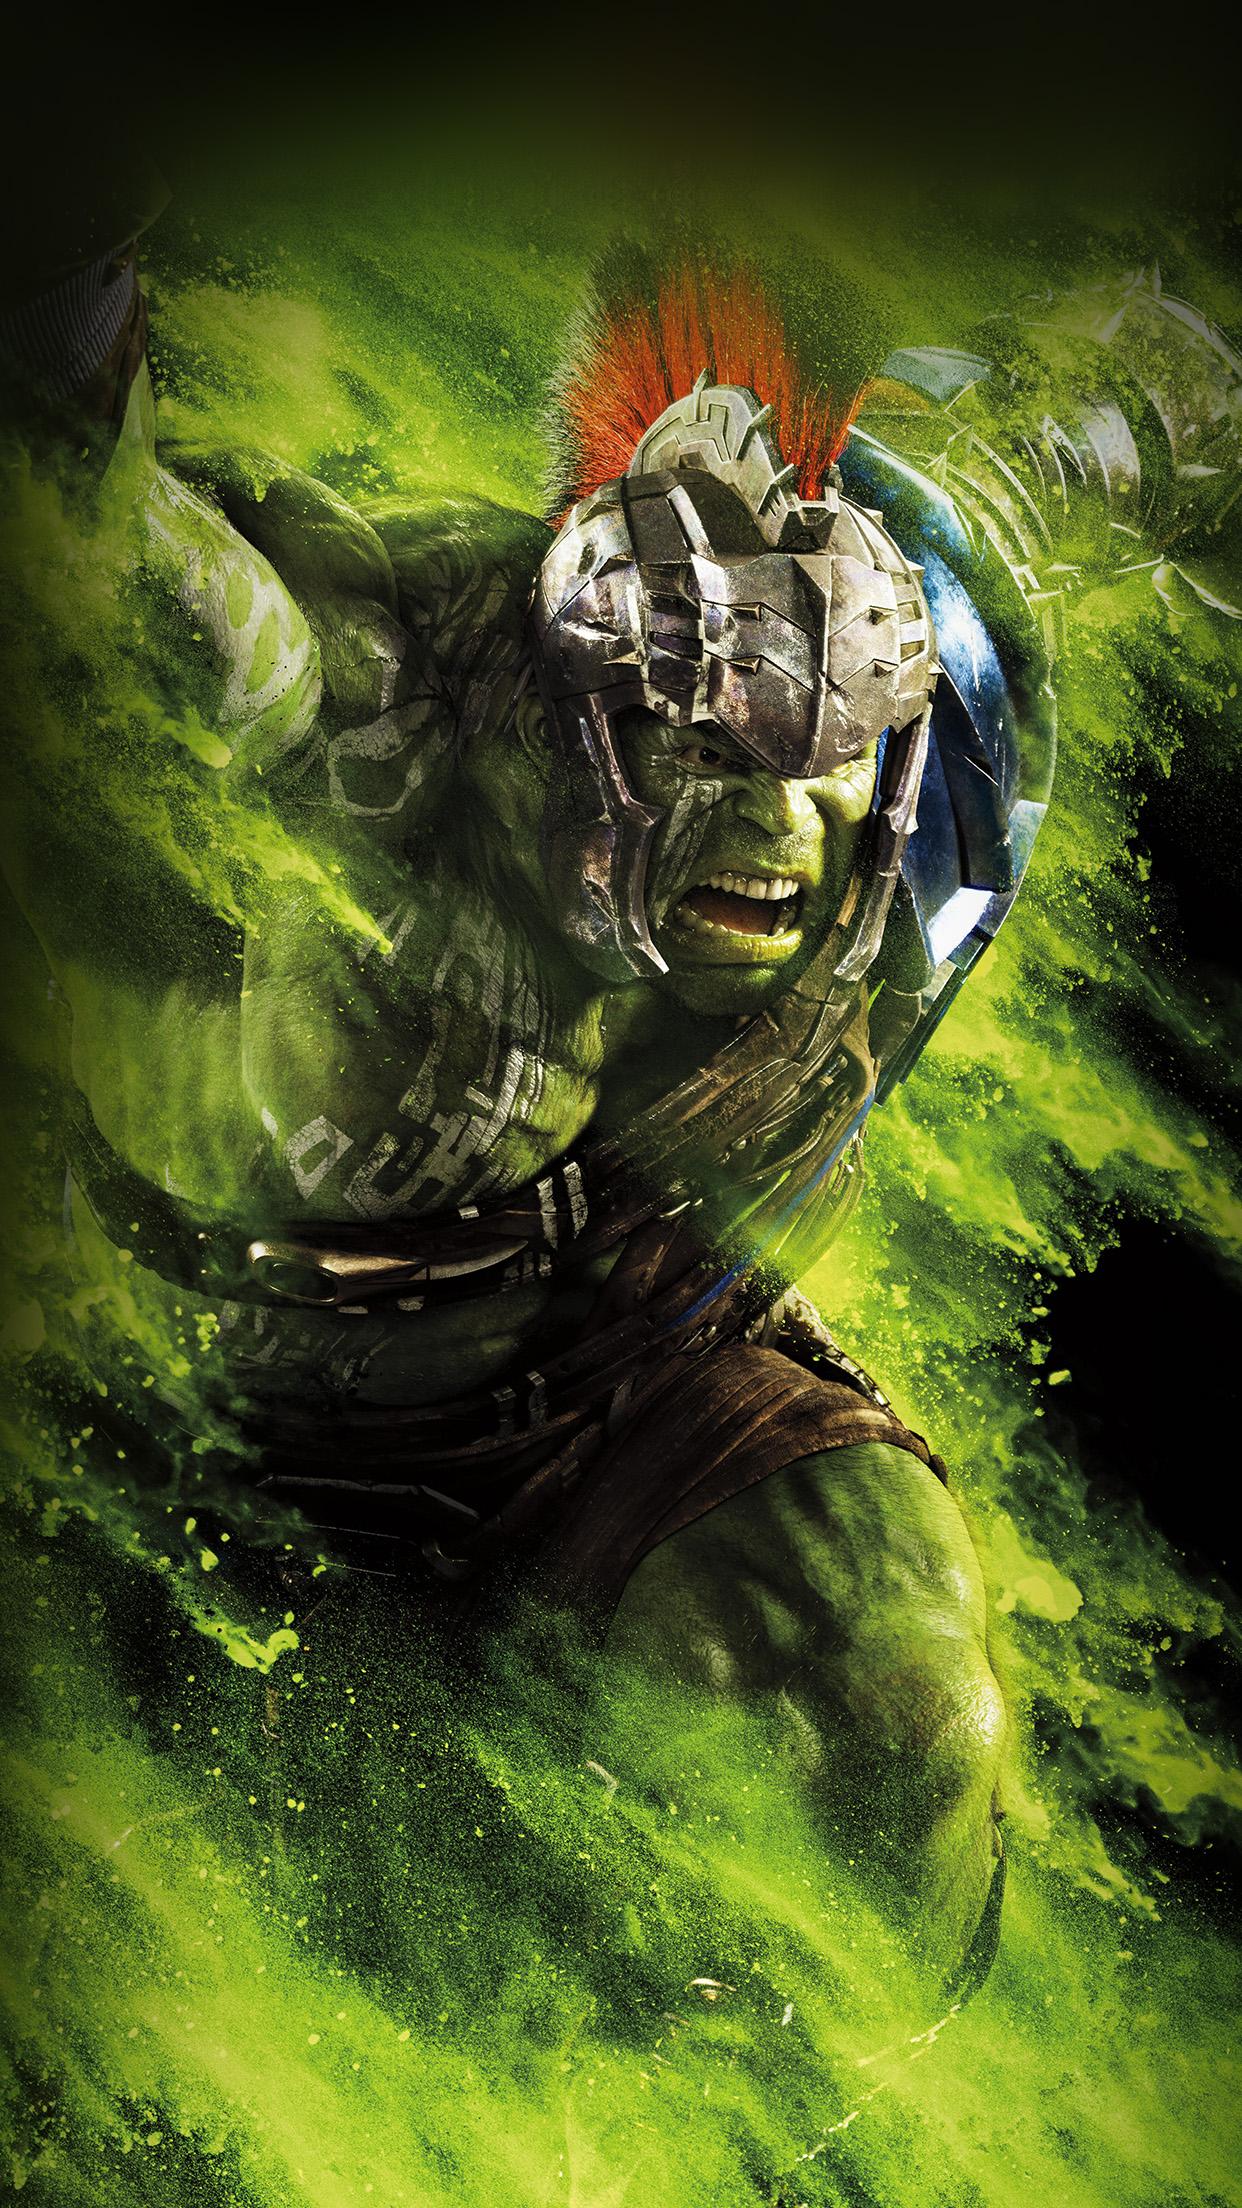 Car Wallpaper Hd  Be57 Hulk Ragnarok Red Film Marvel Hero Art Illustration